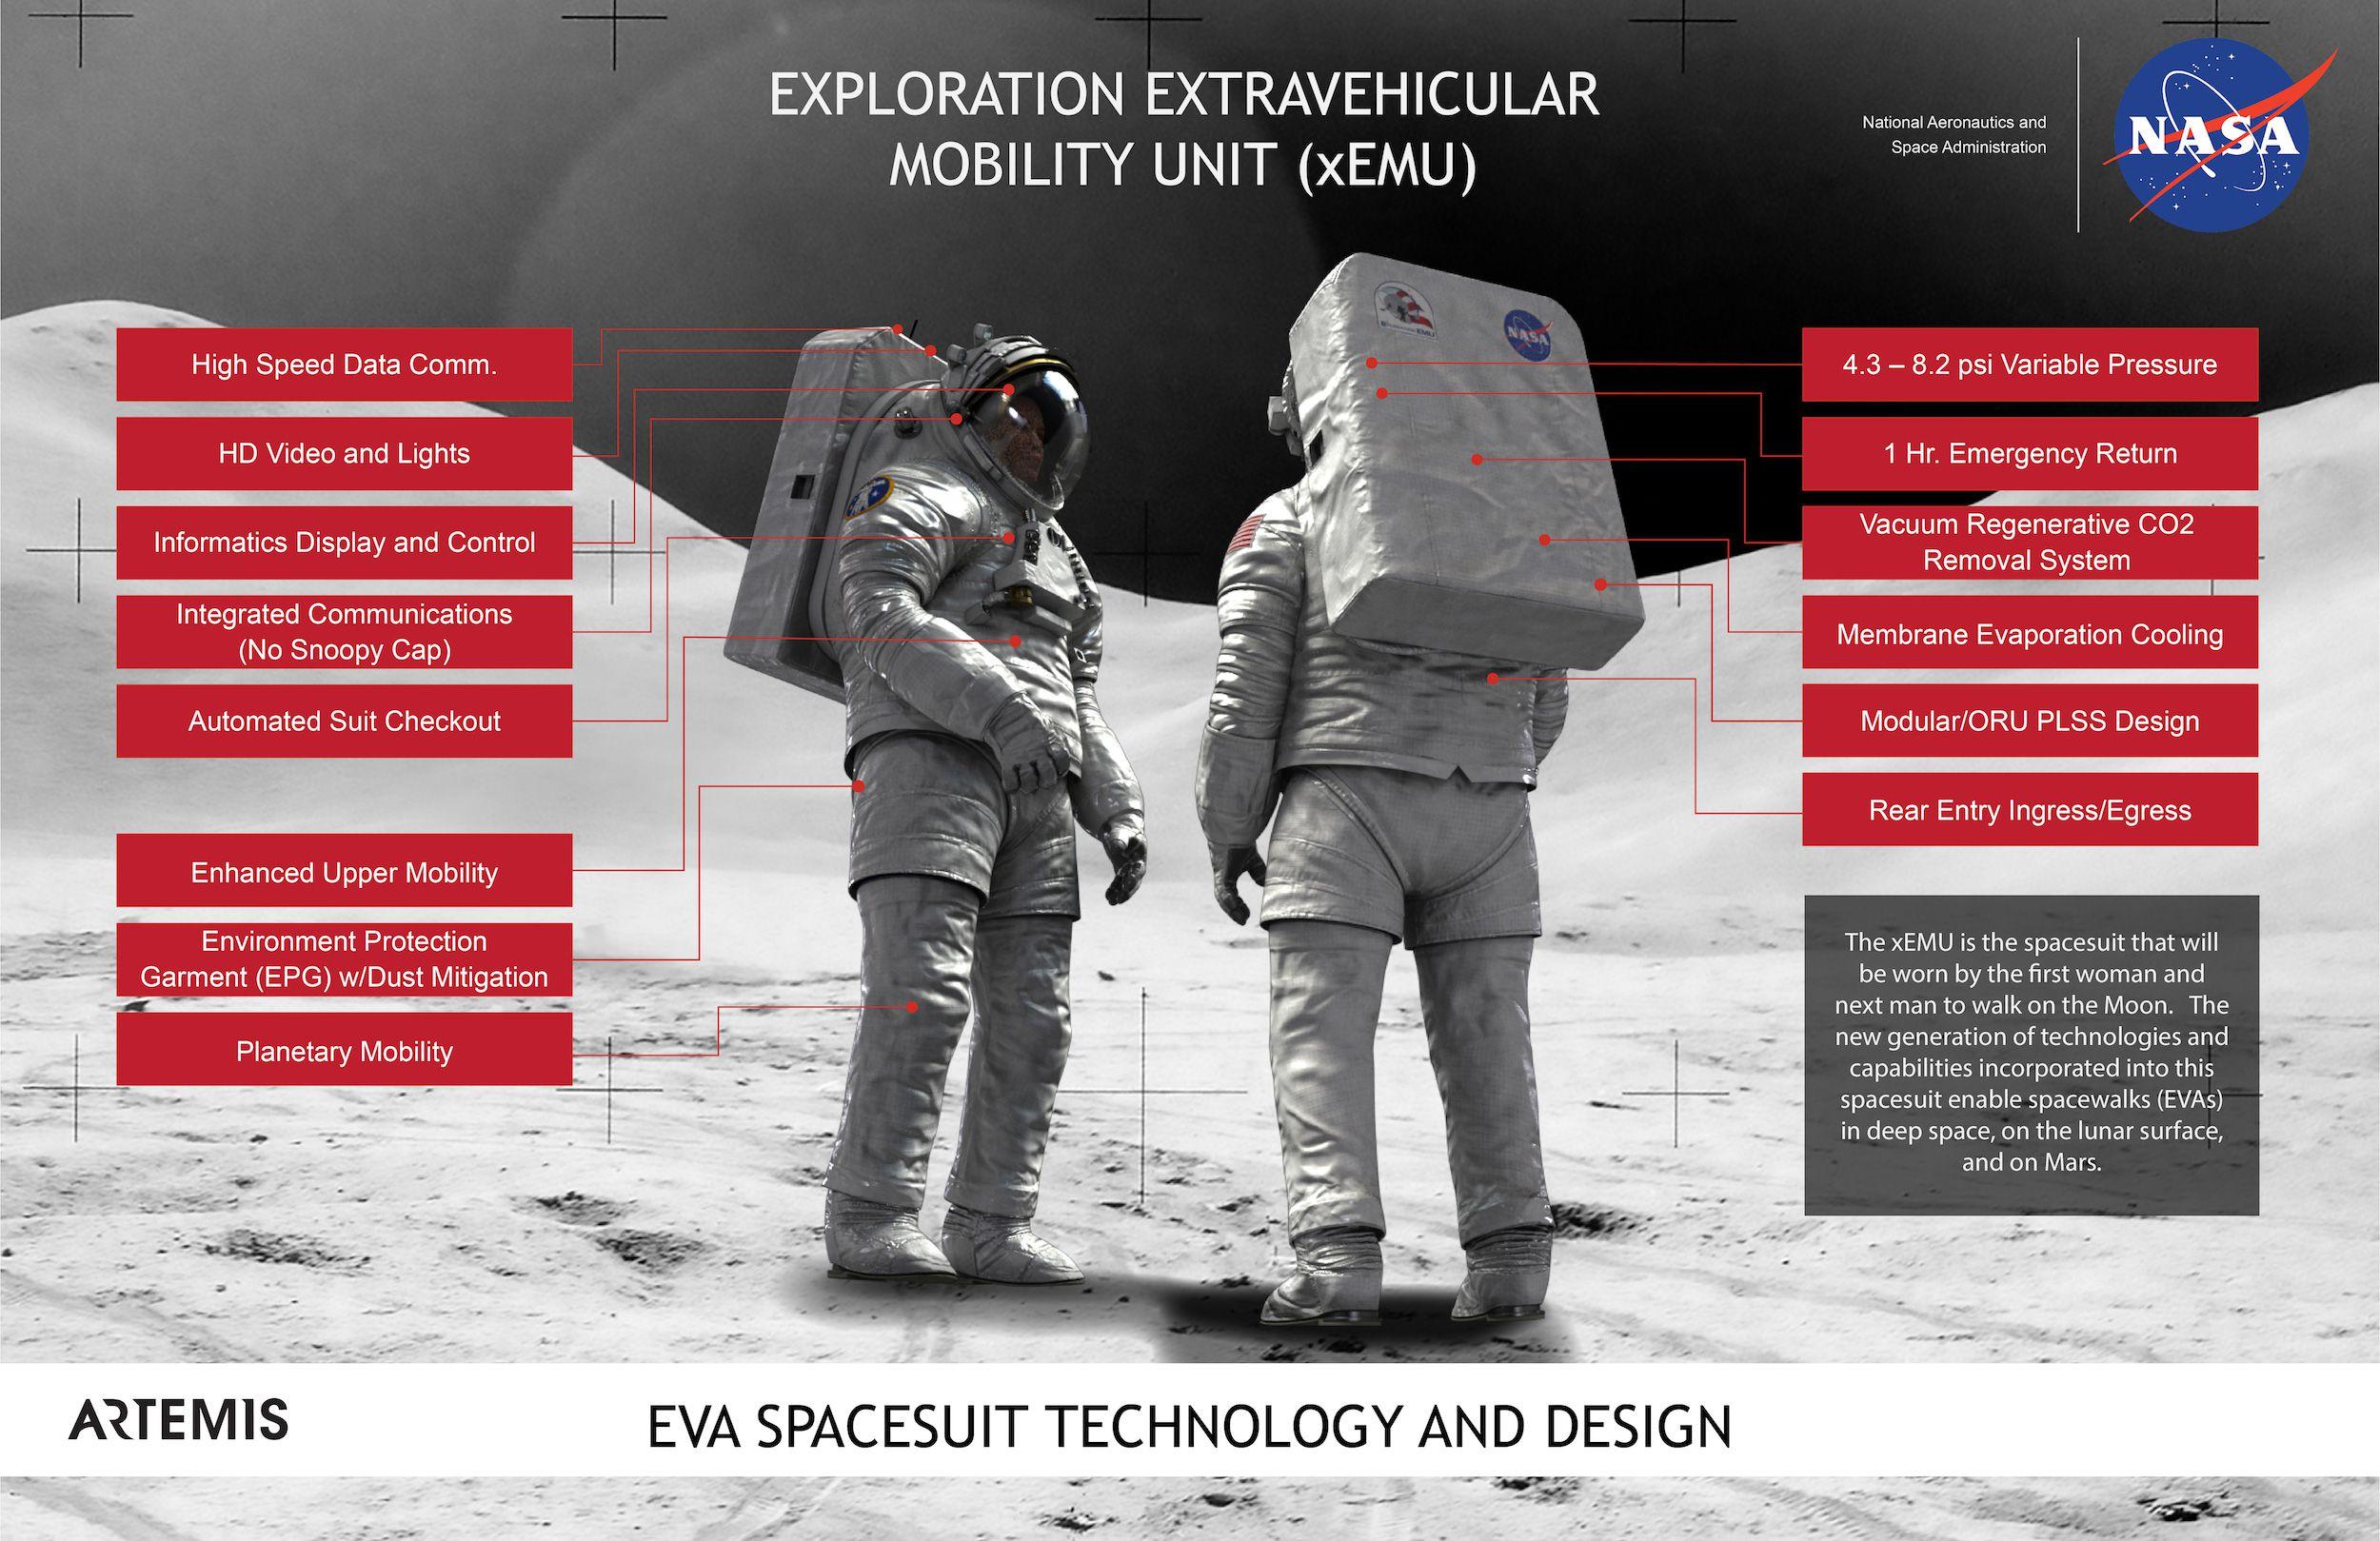 Découvrez les nouvelles combinaisons spatiales de la NASA pour retourner sur la Lune